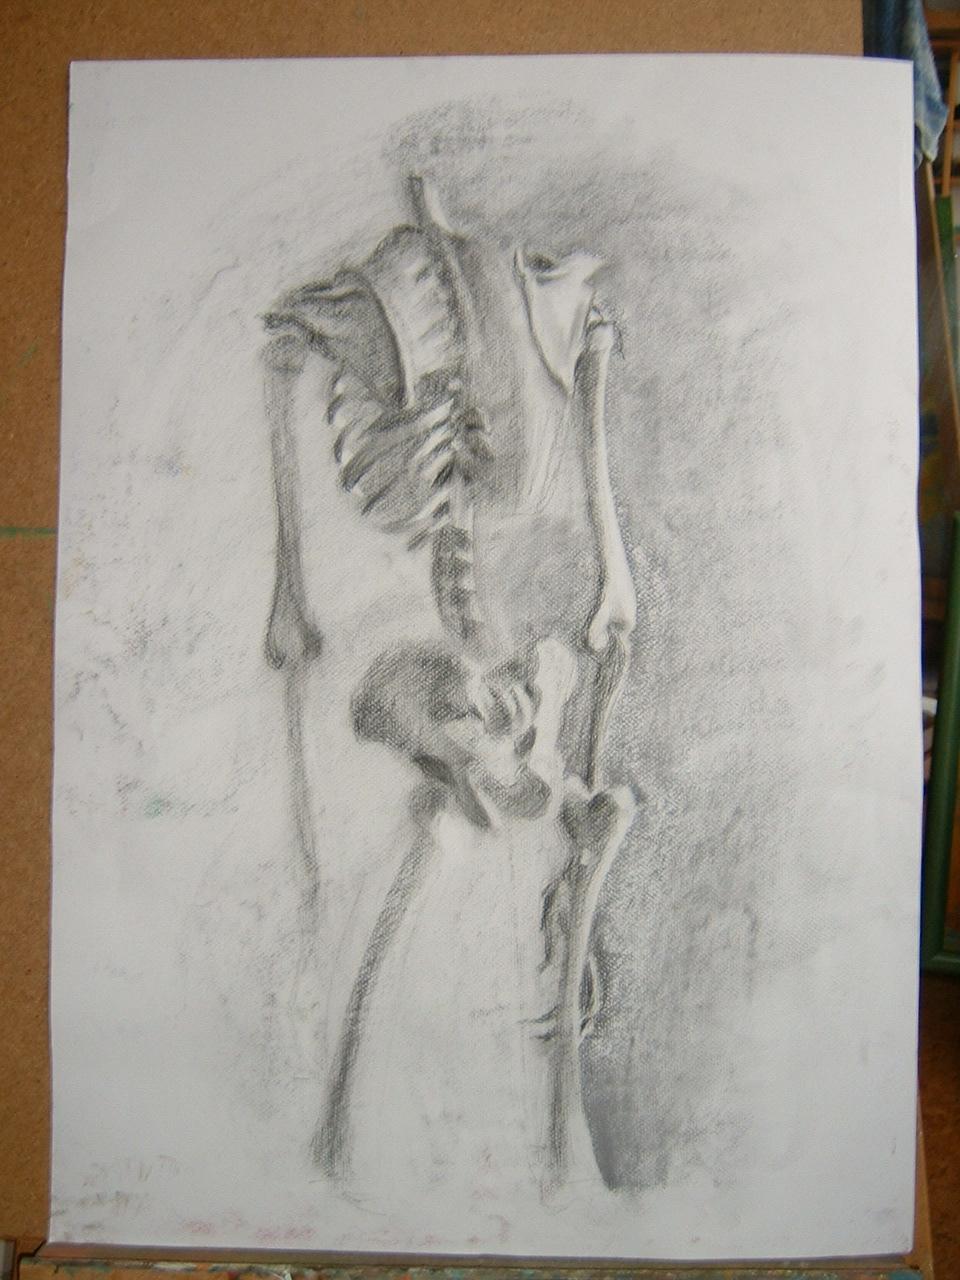 spondylarthrosis artrózis a gerinc ízületeiben)